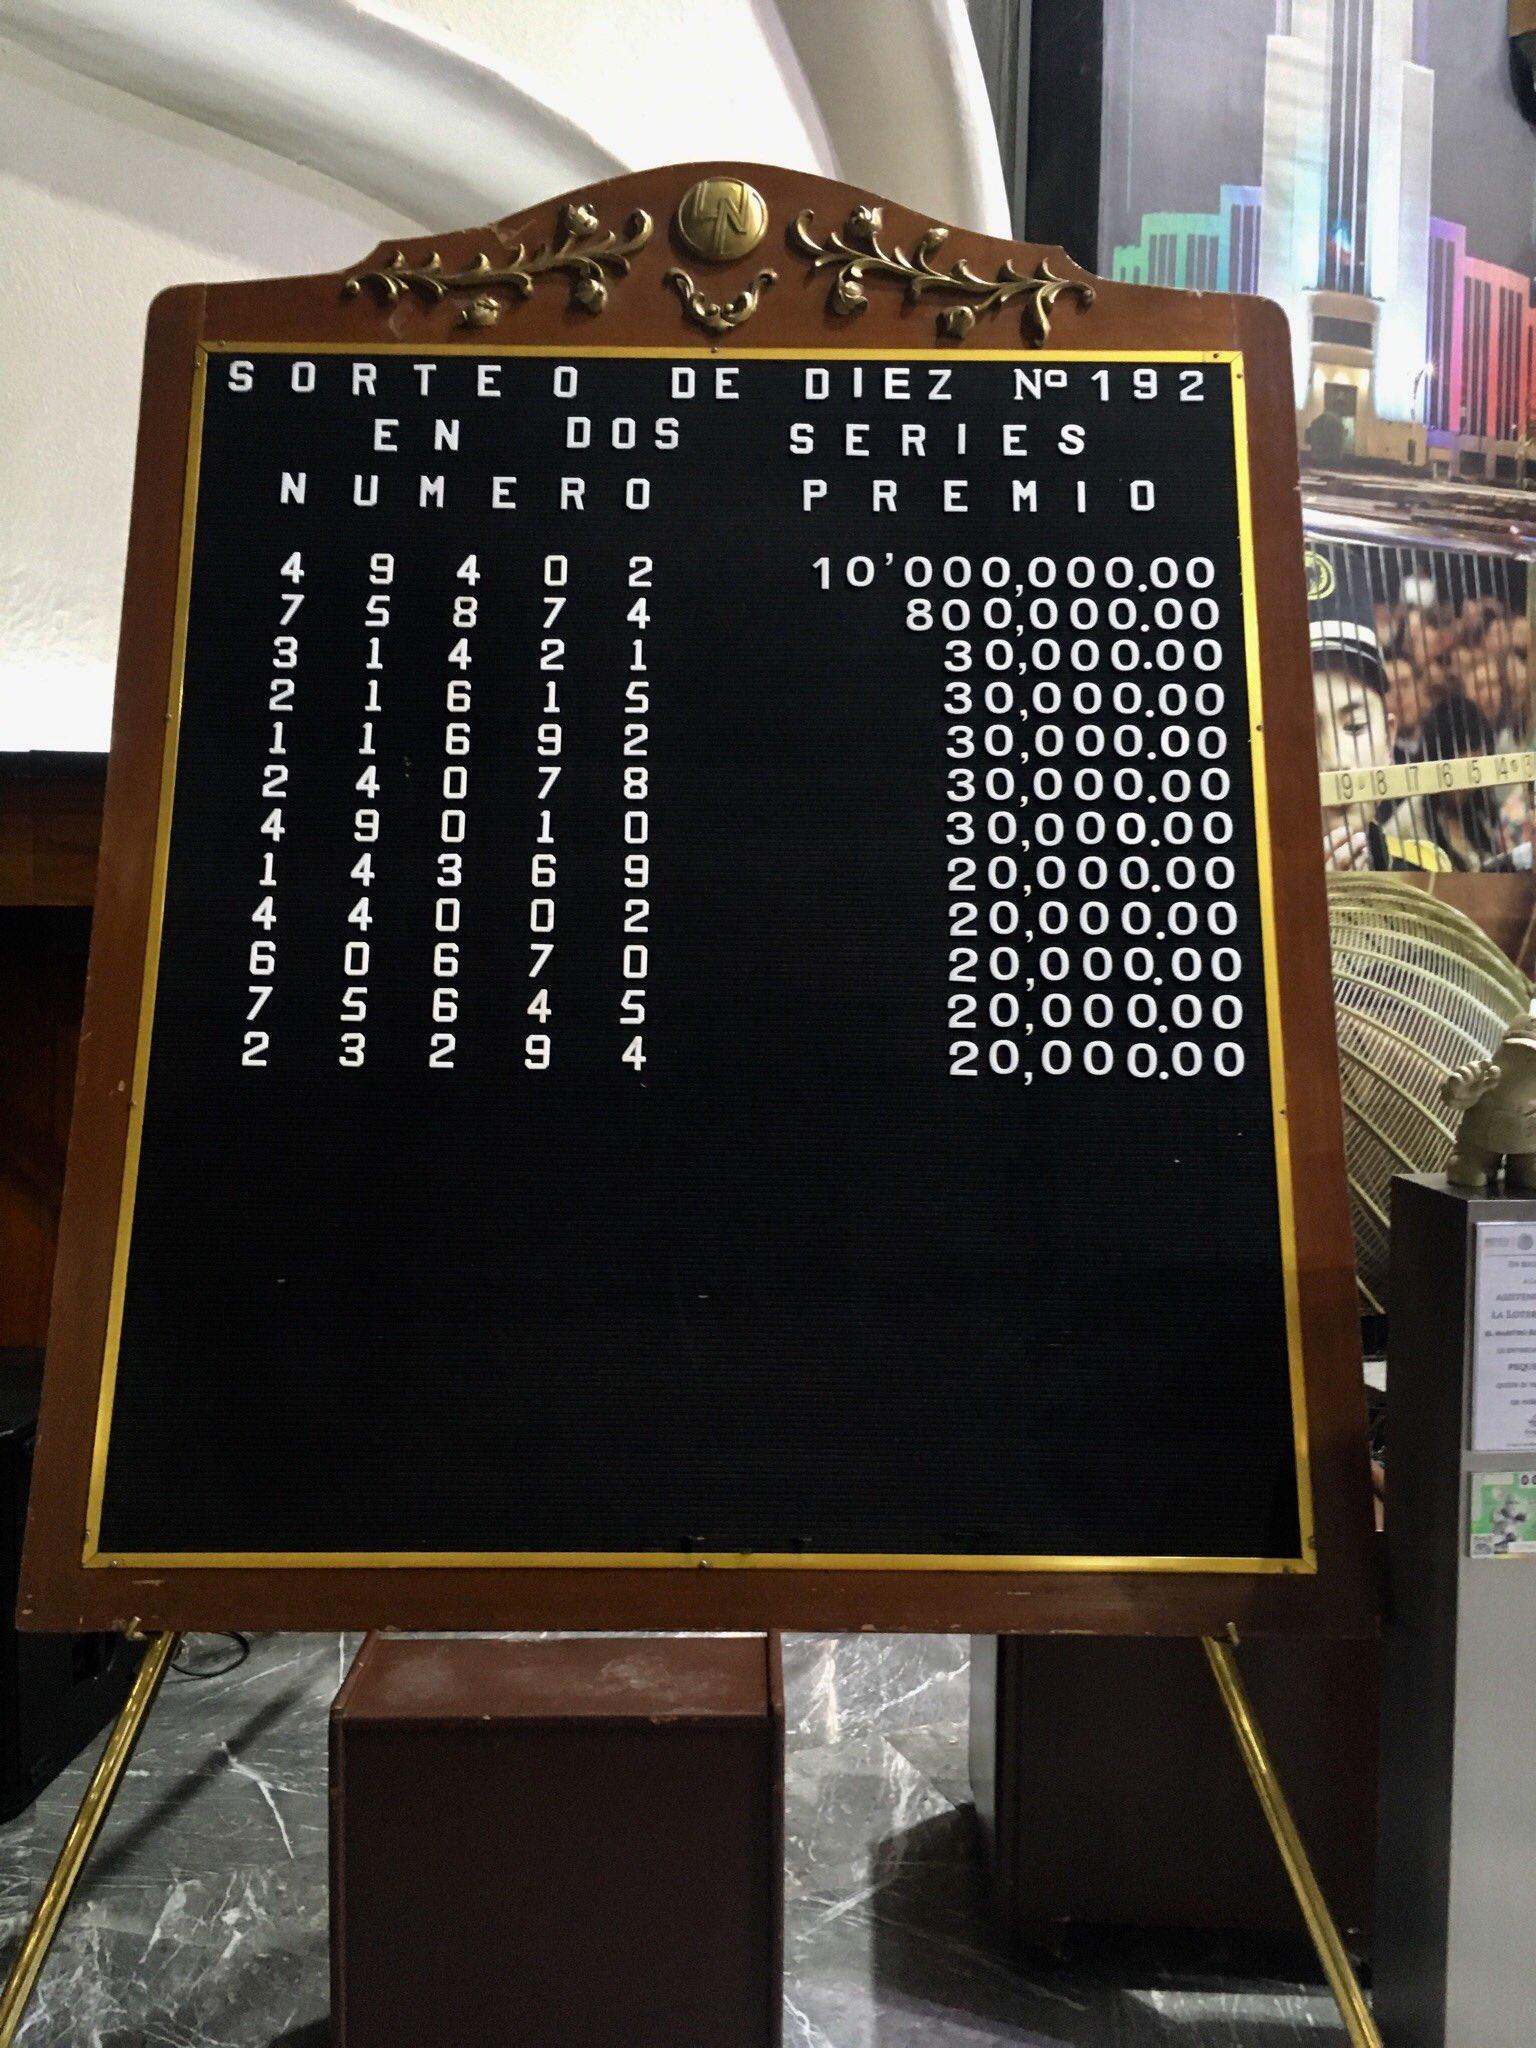 Resultados sorteo de diez 192